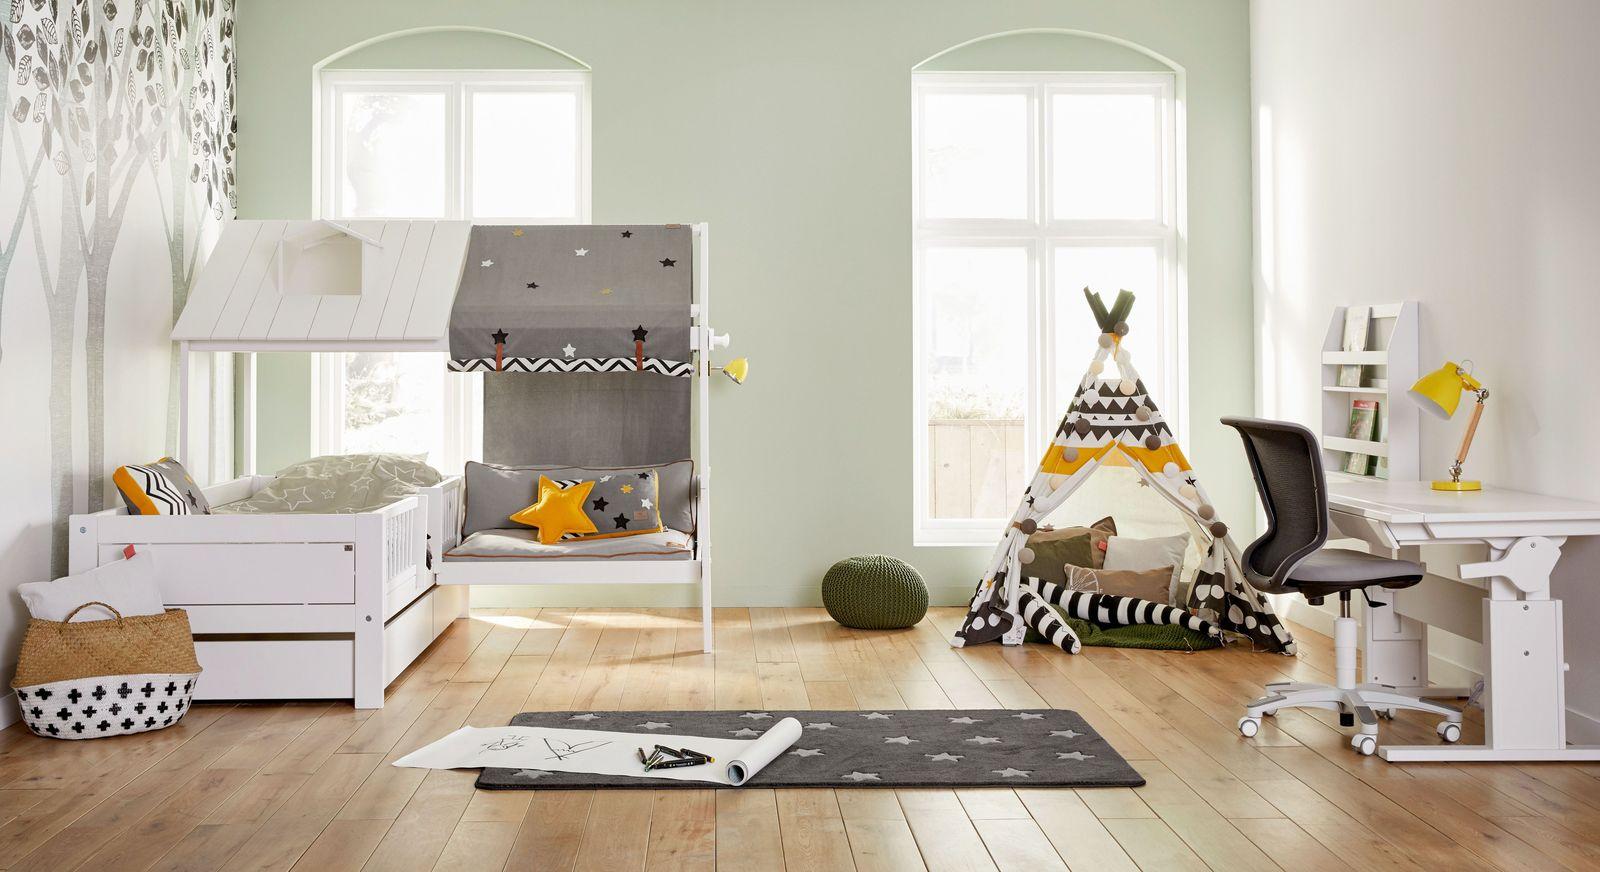 Traumhaftes LIFETIME Kinderzimmer mit Bett & Sofa Ferienhaus